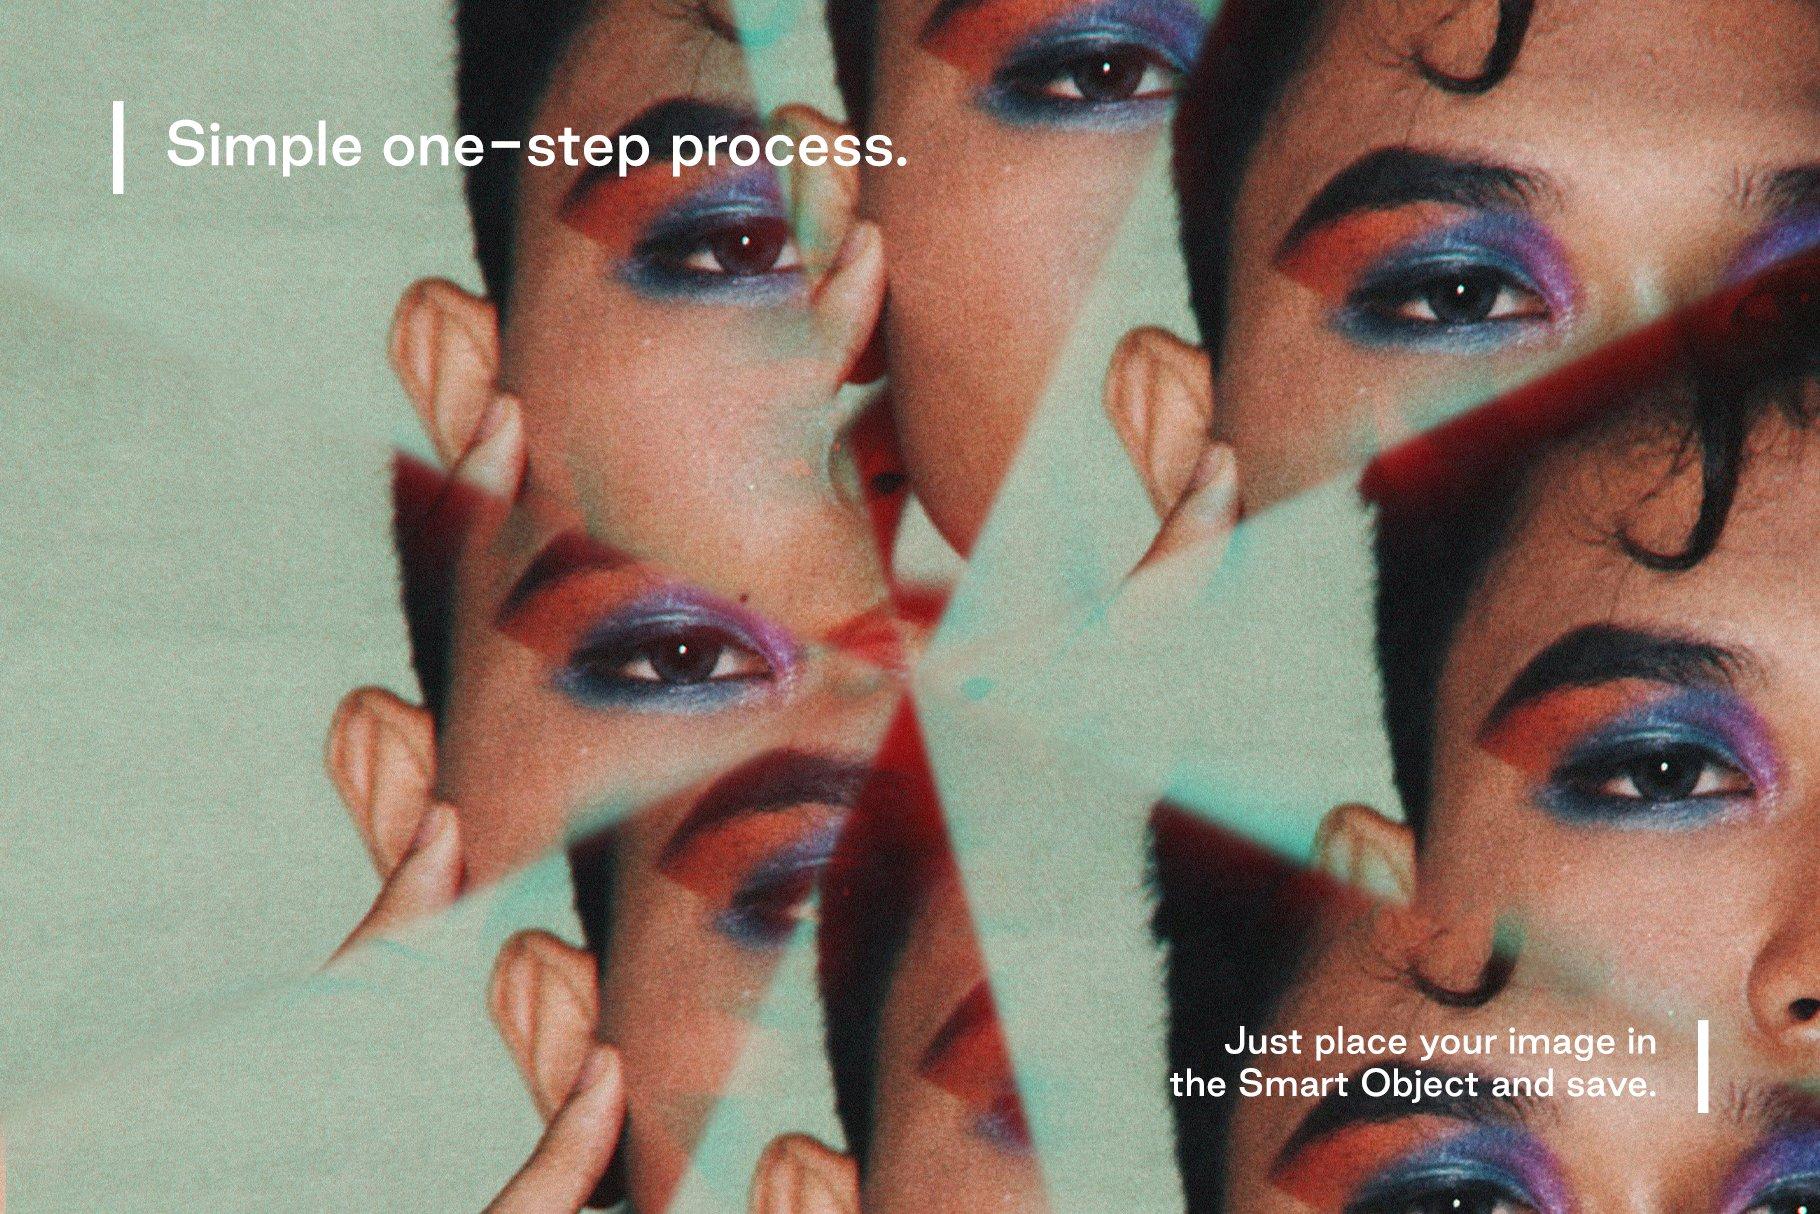 梦幻抽象艺术万花筒棱镜玻璃反射特效滤镜PS样式模板 Prizm – Lens & Prism Distortions插图5